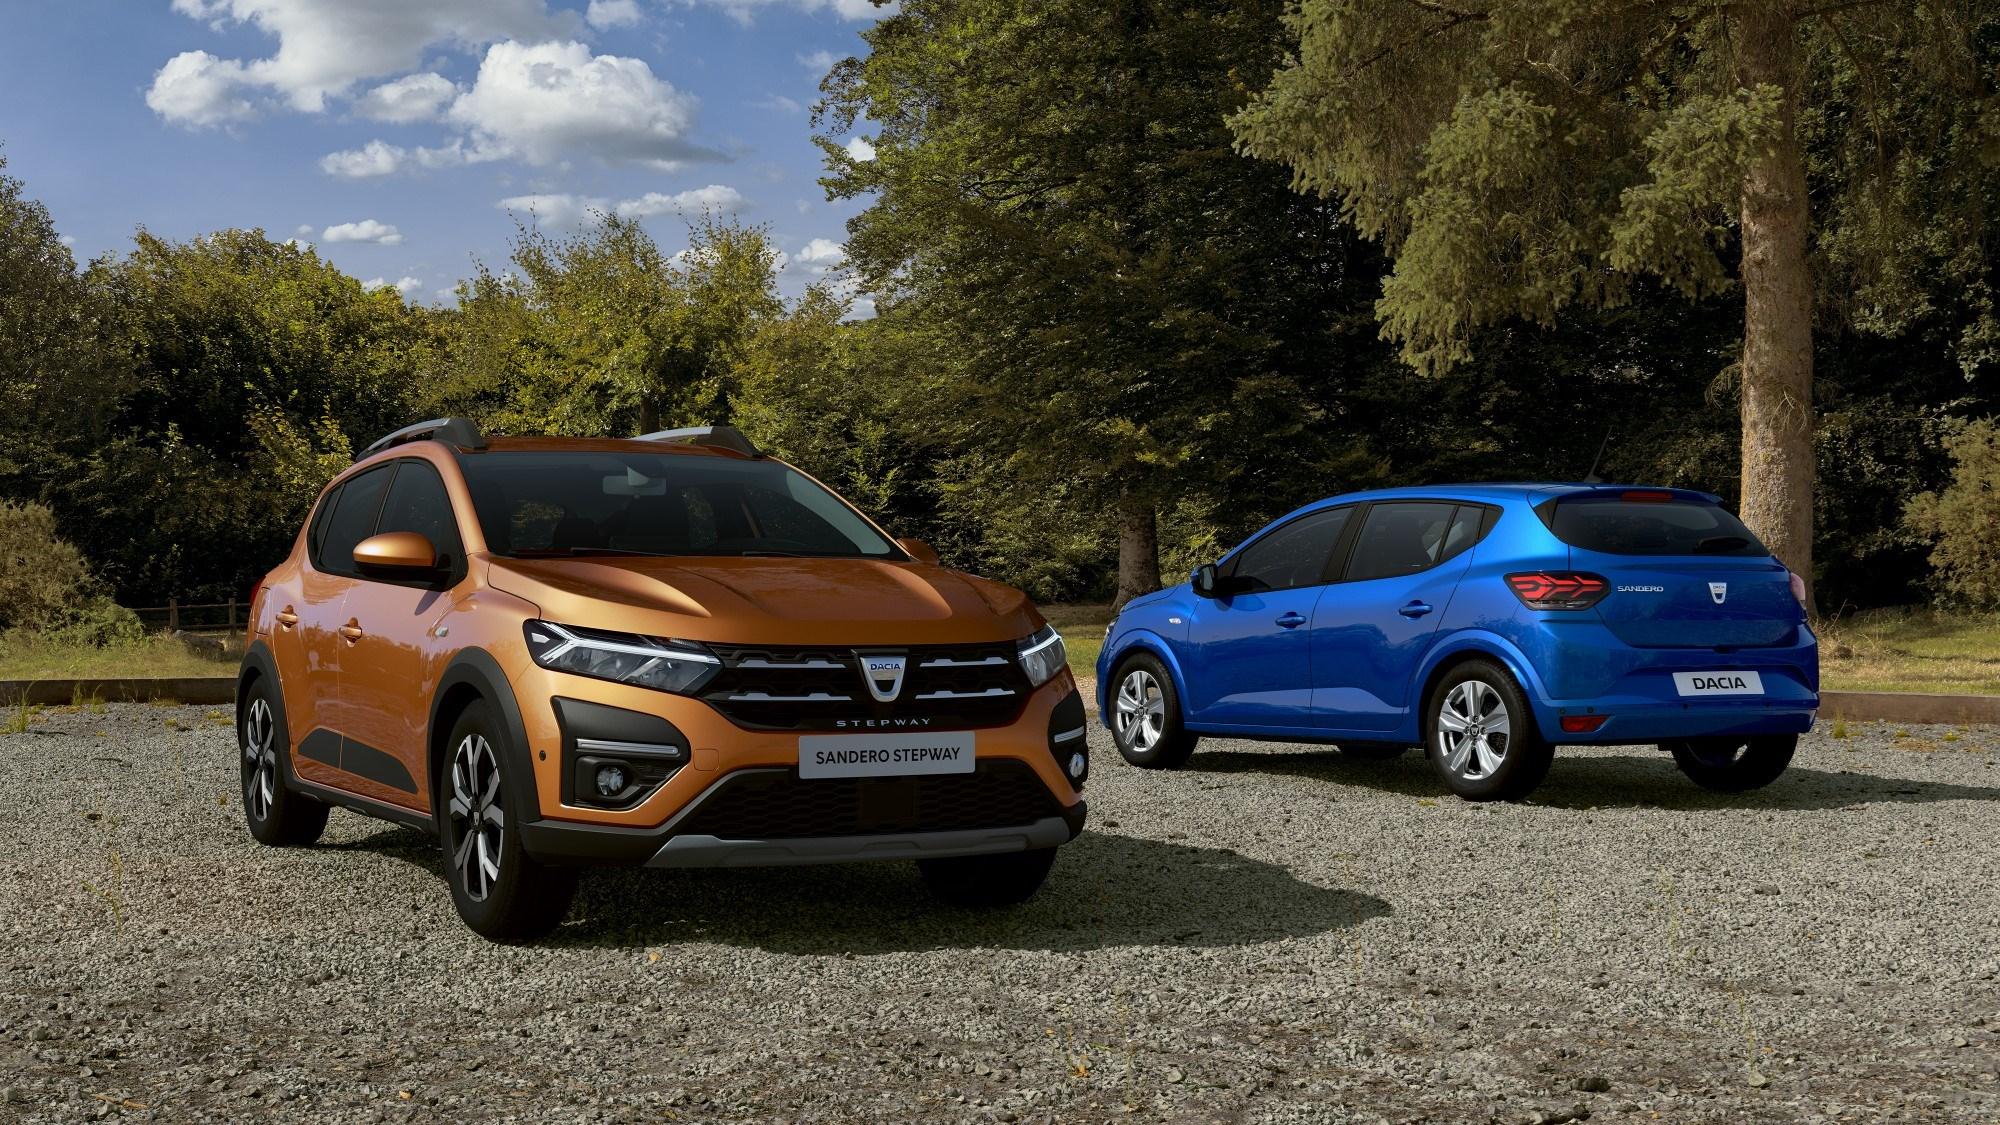 Novo Dacia Sandero e Sandero Stepway